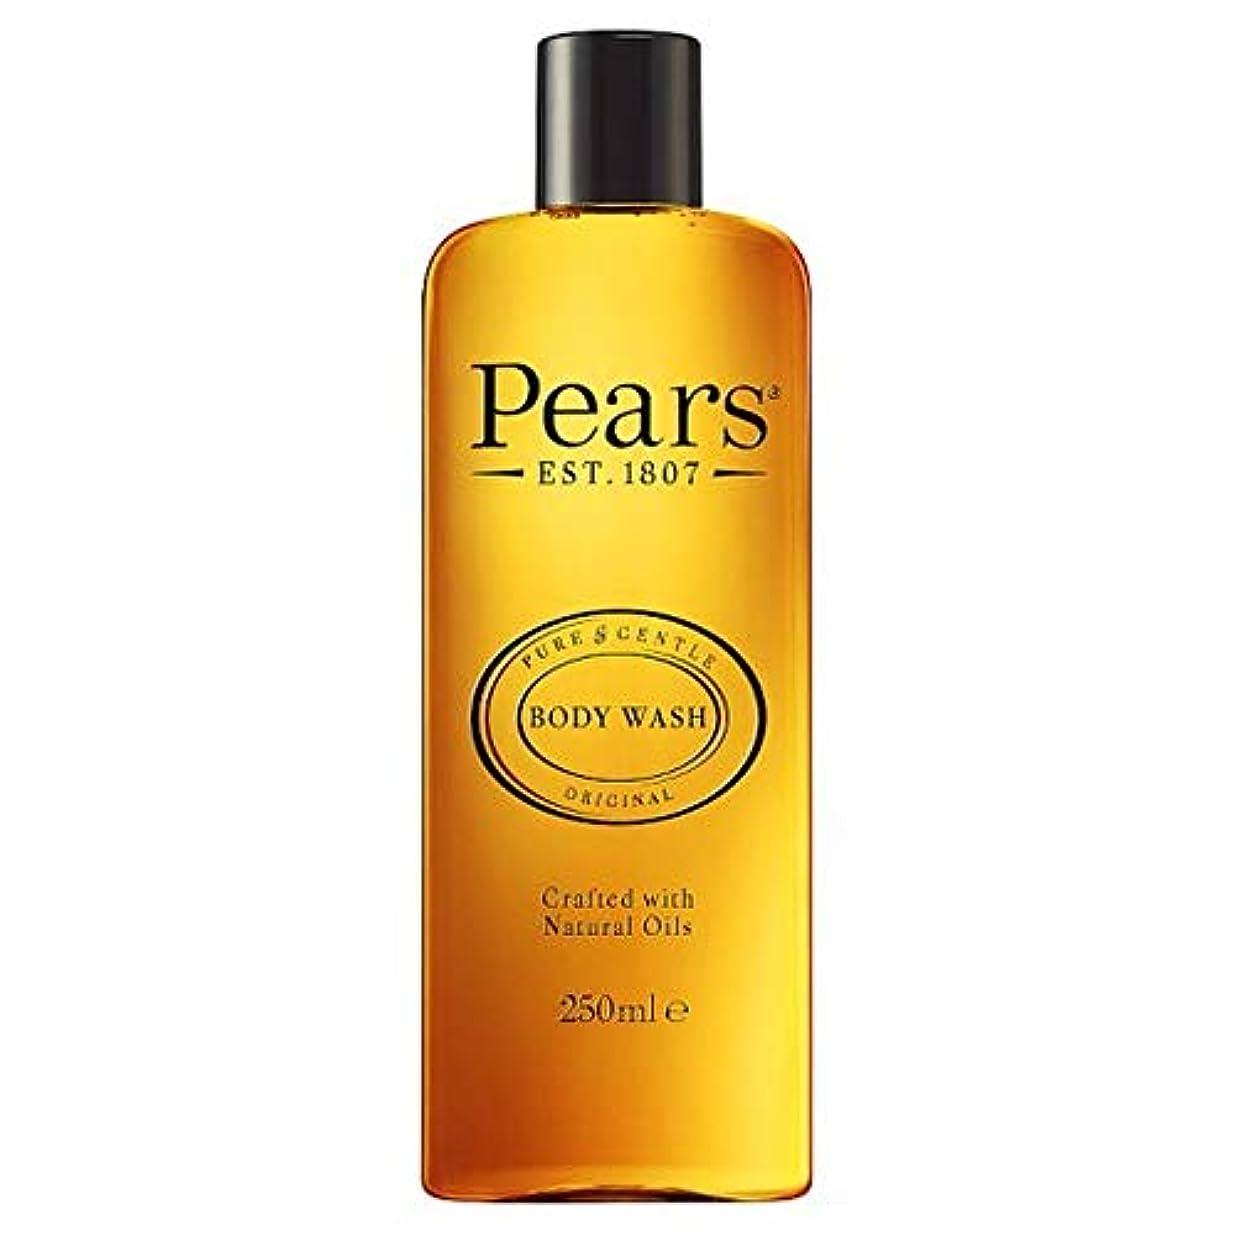 息を切らしてヨーロッパリブ[Pears] 梨シャワージェル250ミリリットル - Pears Shower Gel 250Ml [並行輸入品]